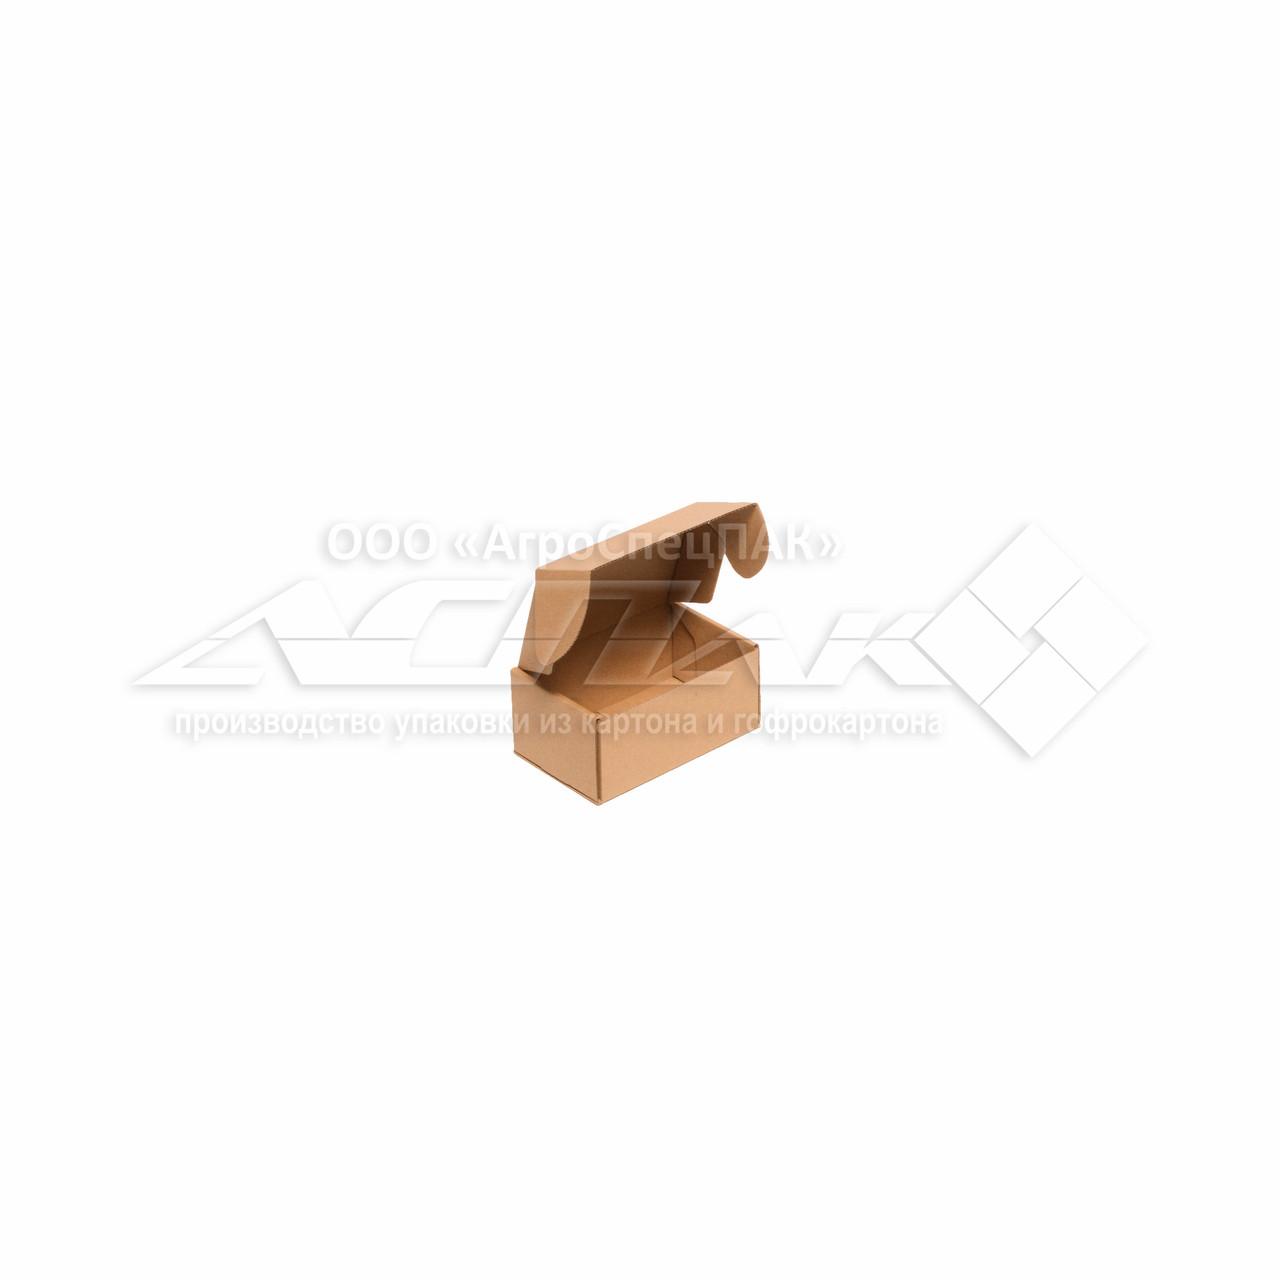 Картонные коробки 150*100*70 крафт - фото 3